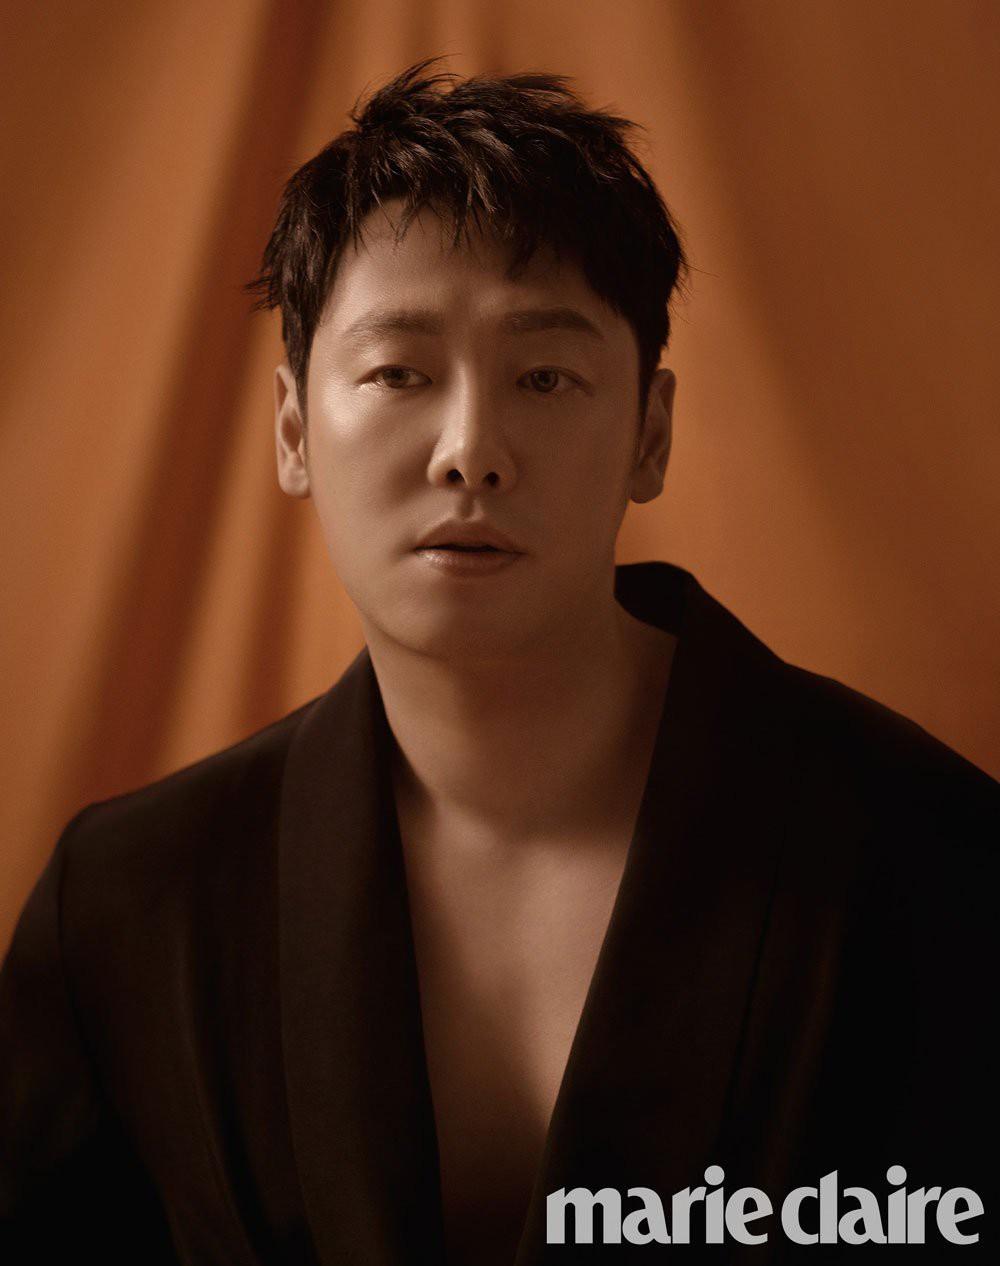 Dàn cast Kí sinh trùng và đông đảo sao Hàn dự tang lễ cố diễn viên Mặt trăng ôm mặt trời, chồng đạo diễn buồn rầu - Ảnh 9.